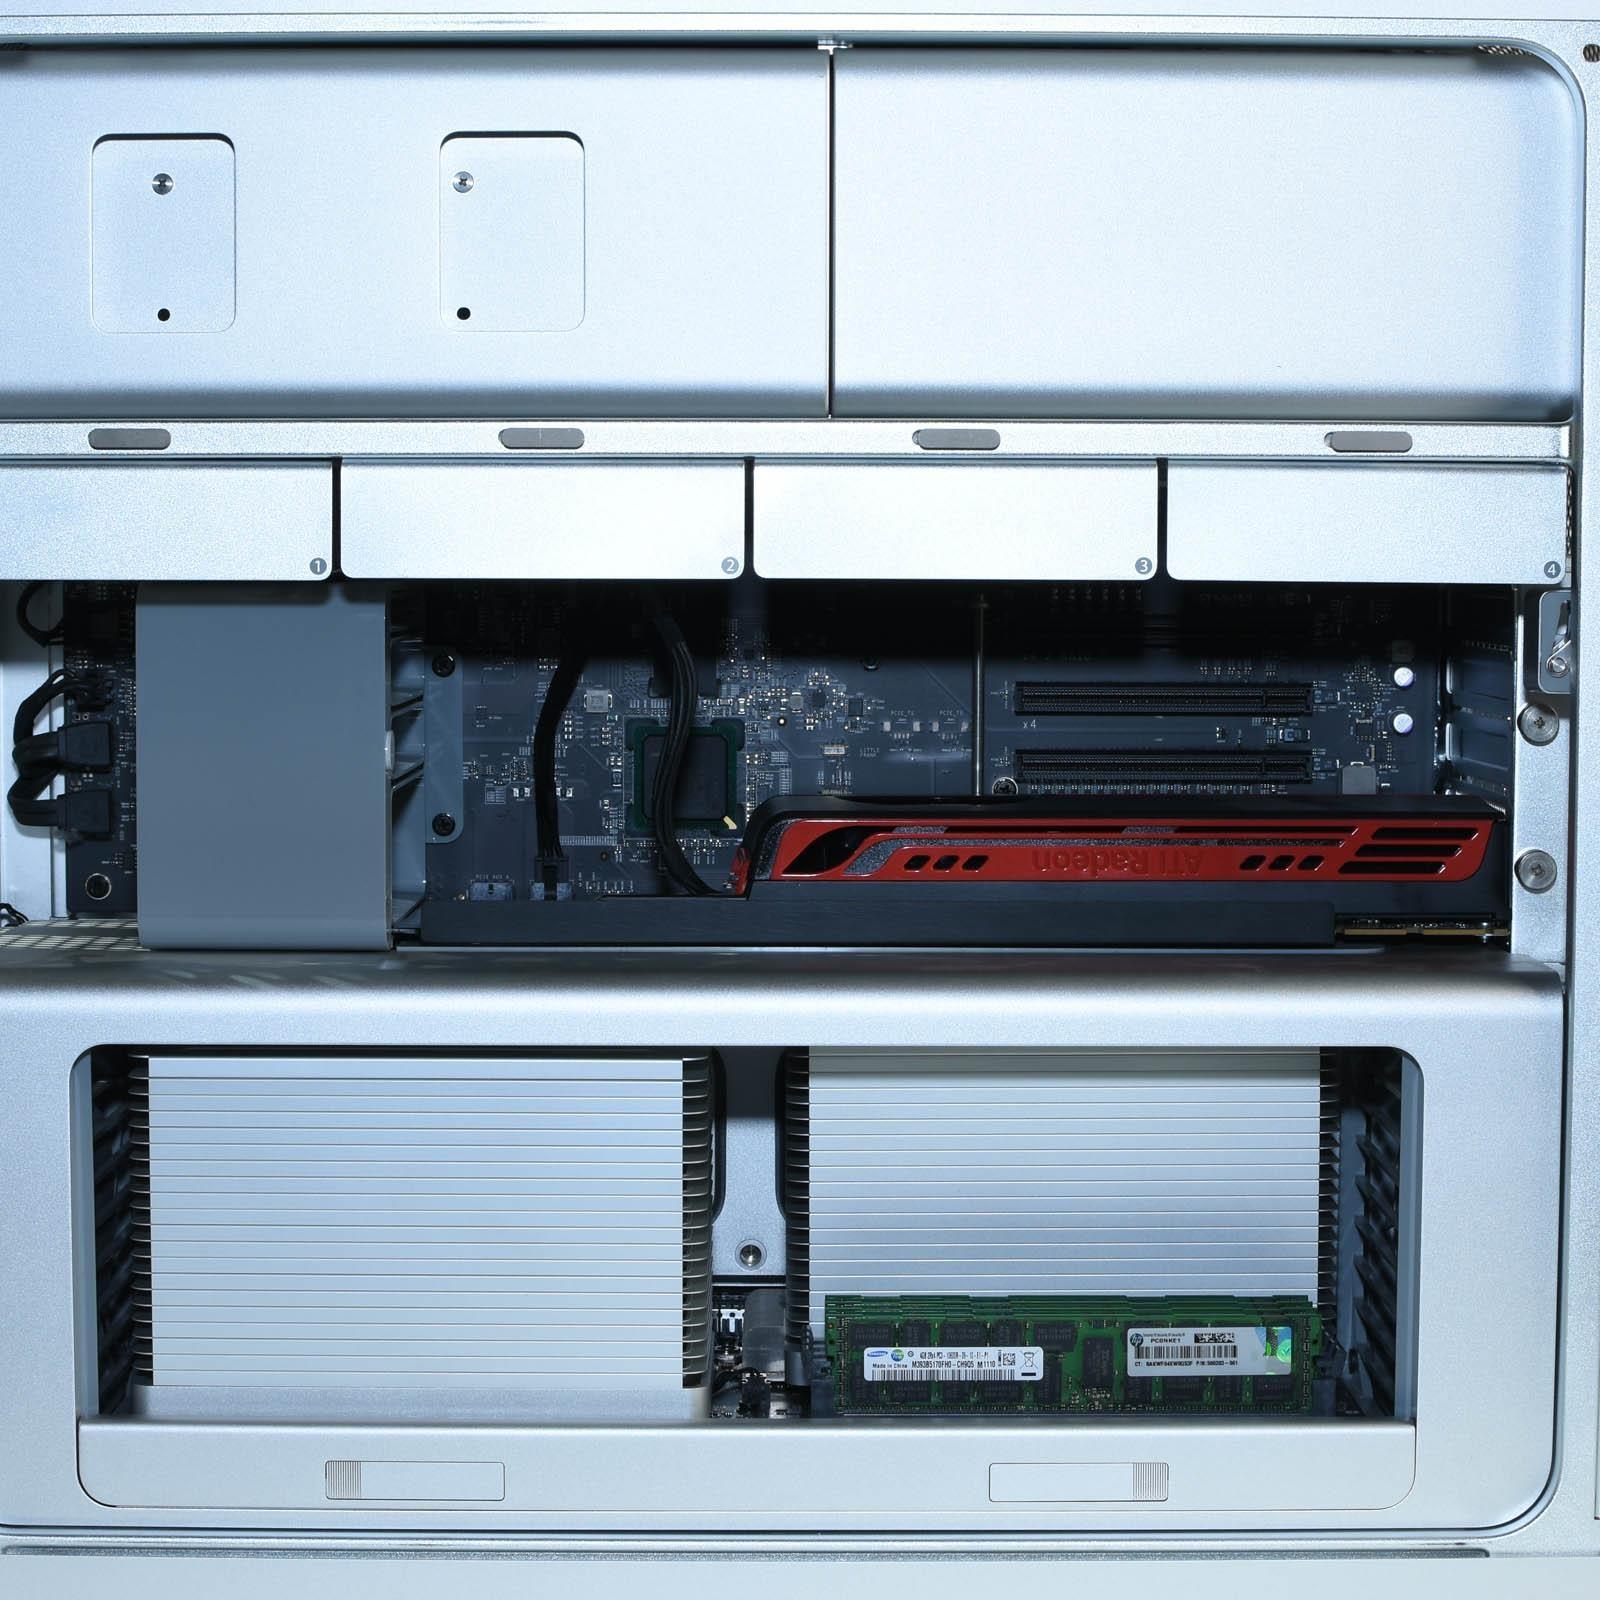 Apple Mac Pro 2010 5,1 A1289 12-Core 2 8Ghz 32GB 2TB Radeon HD 5770 1GB